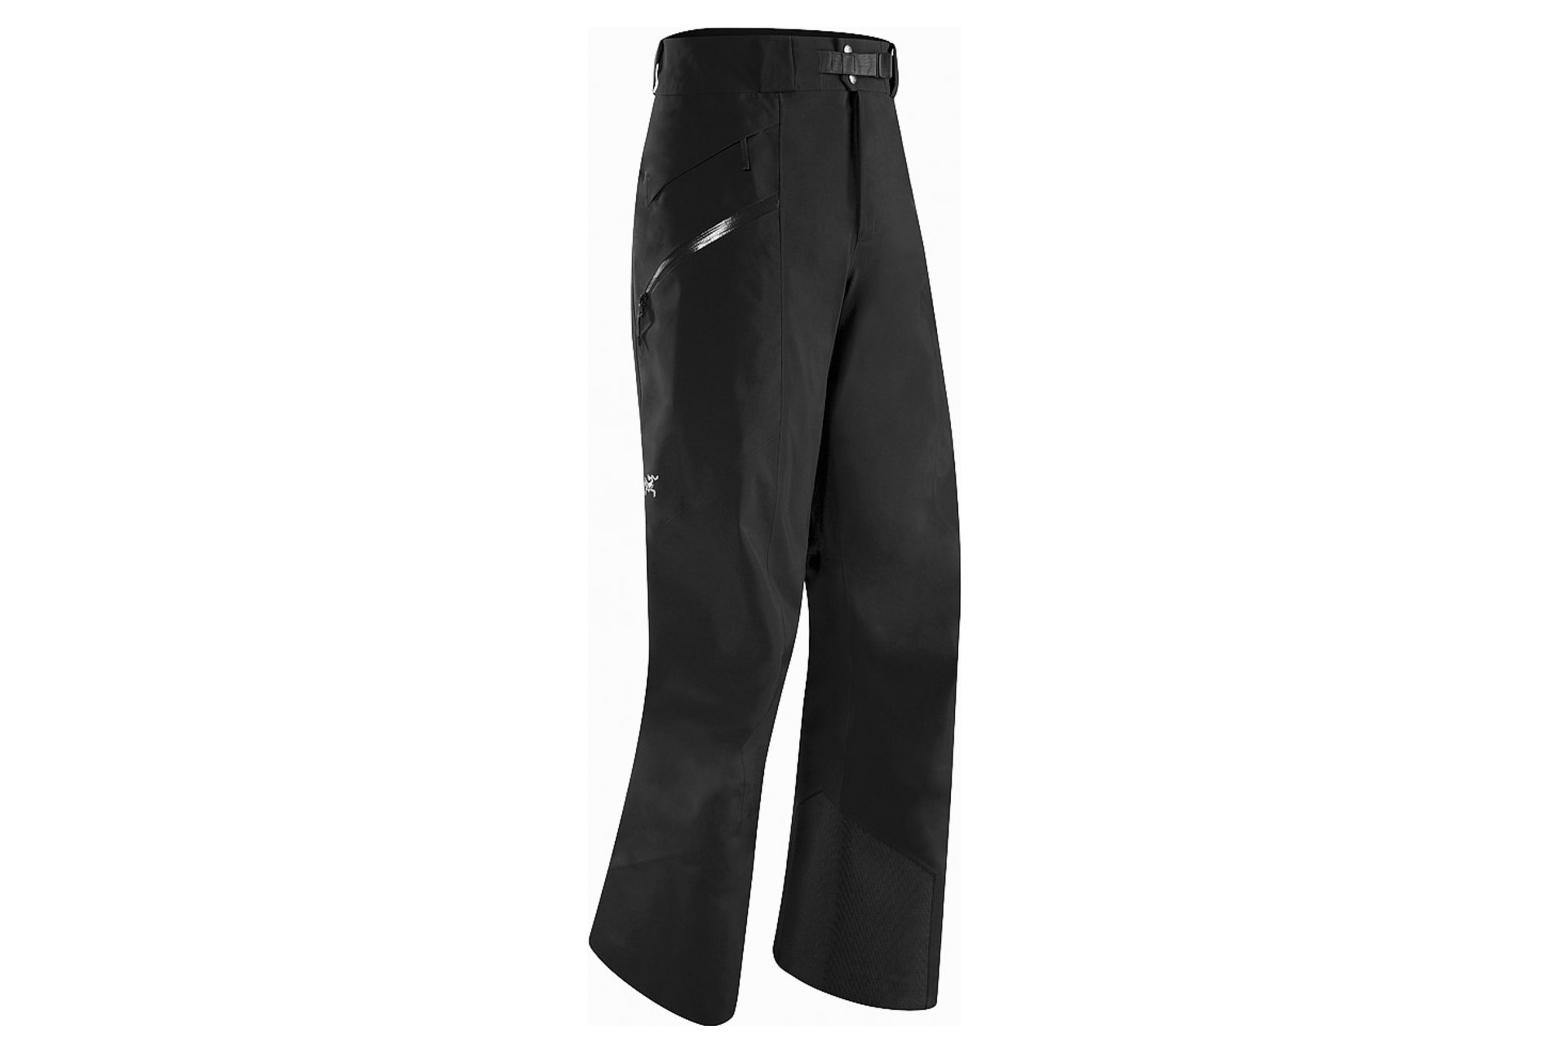 Sabre Gtx De Black Ski Pantalon Pant Arc'teryx Men's EY9DWHIe2b